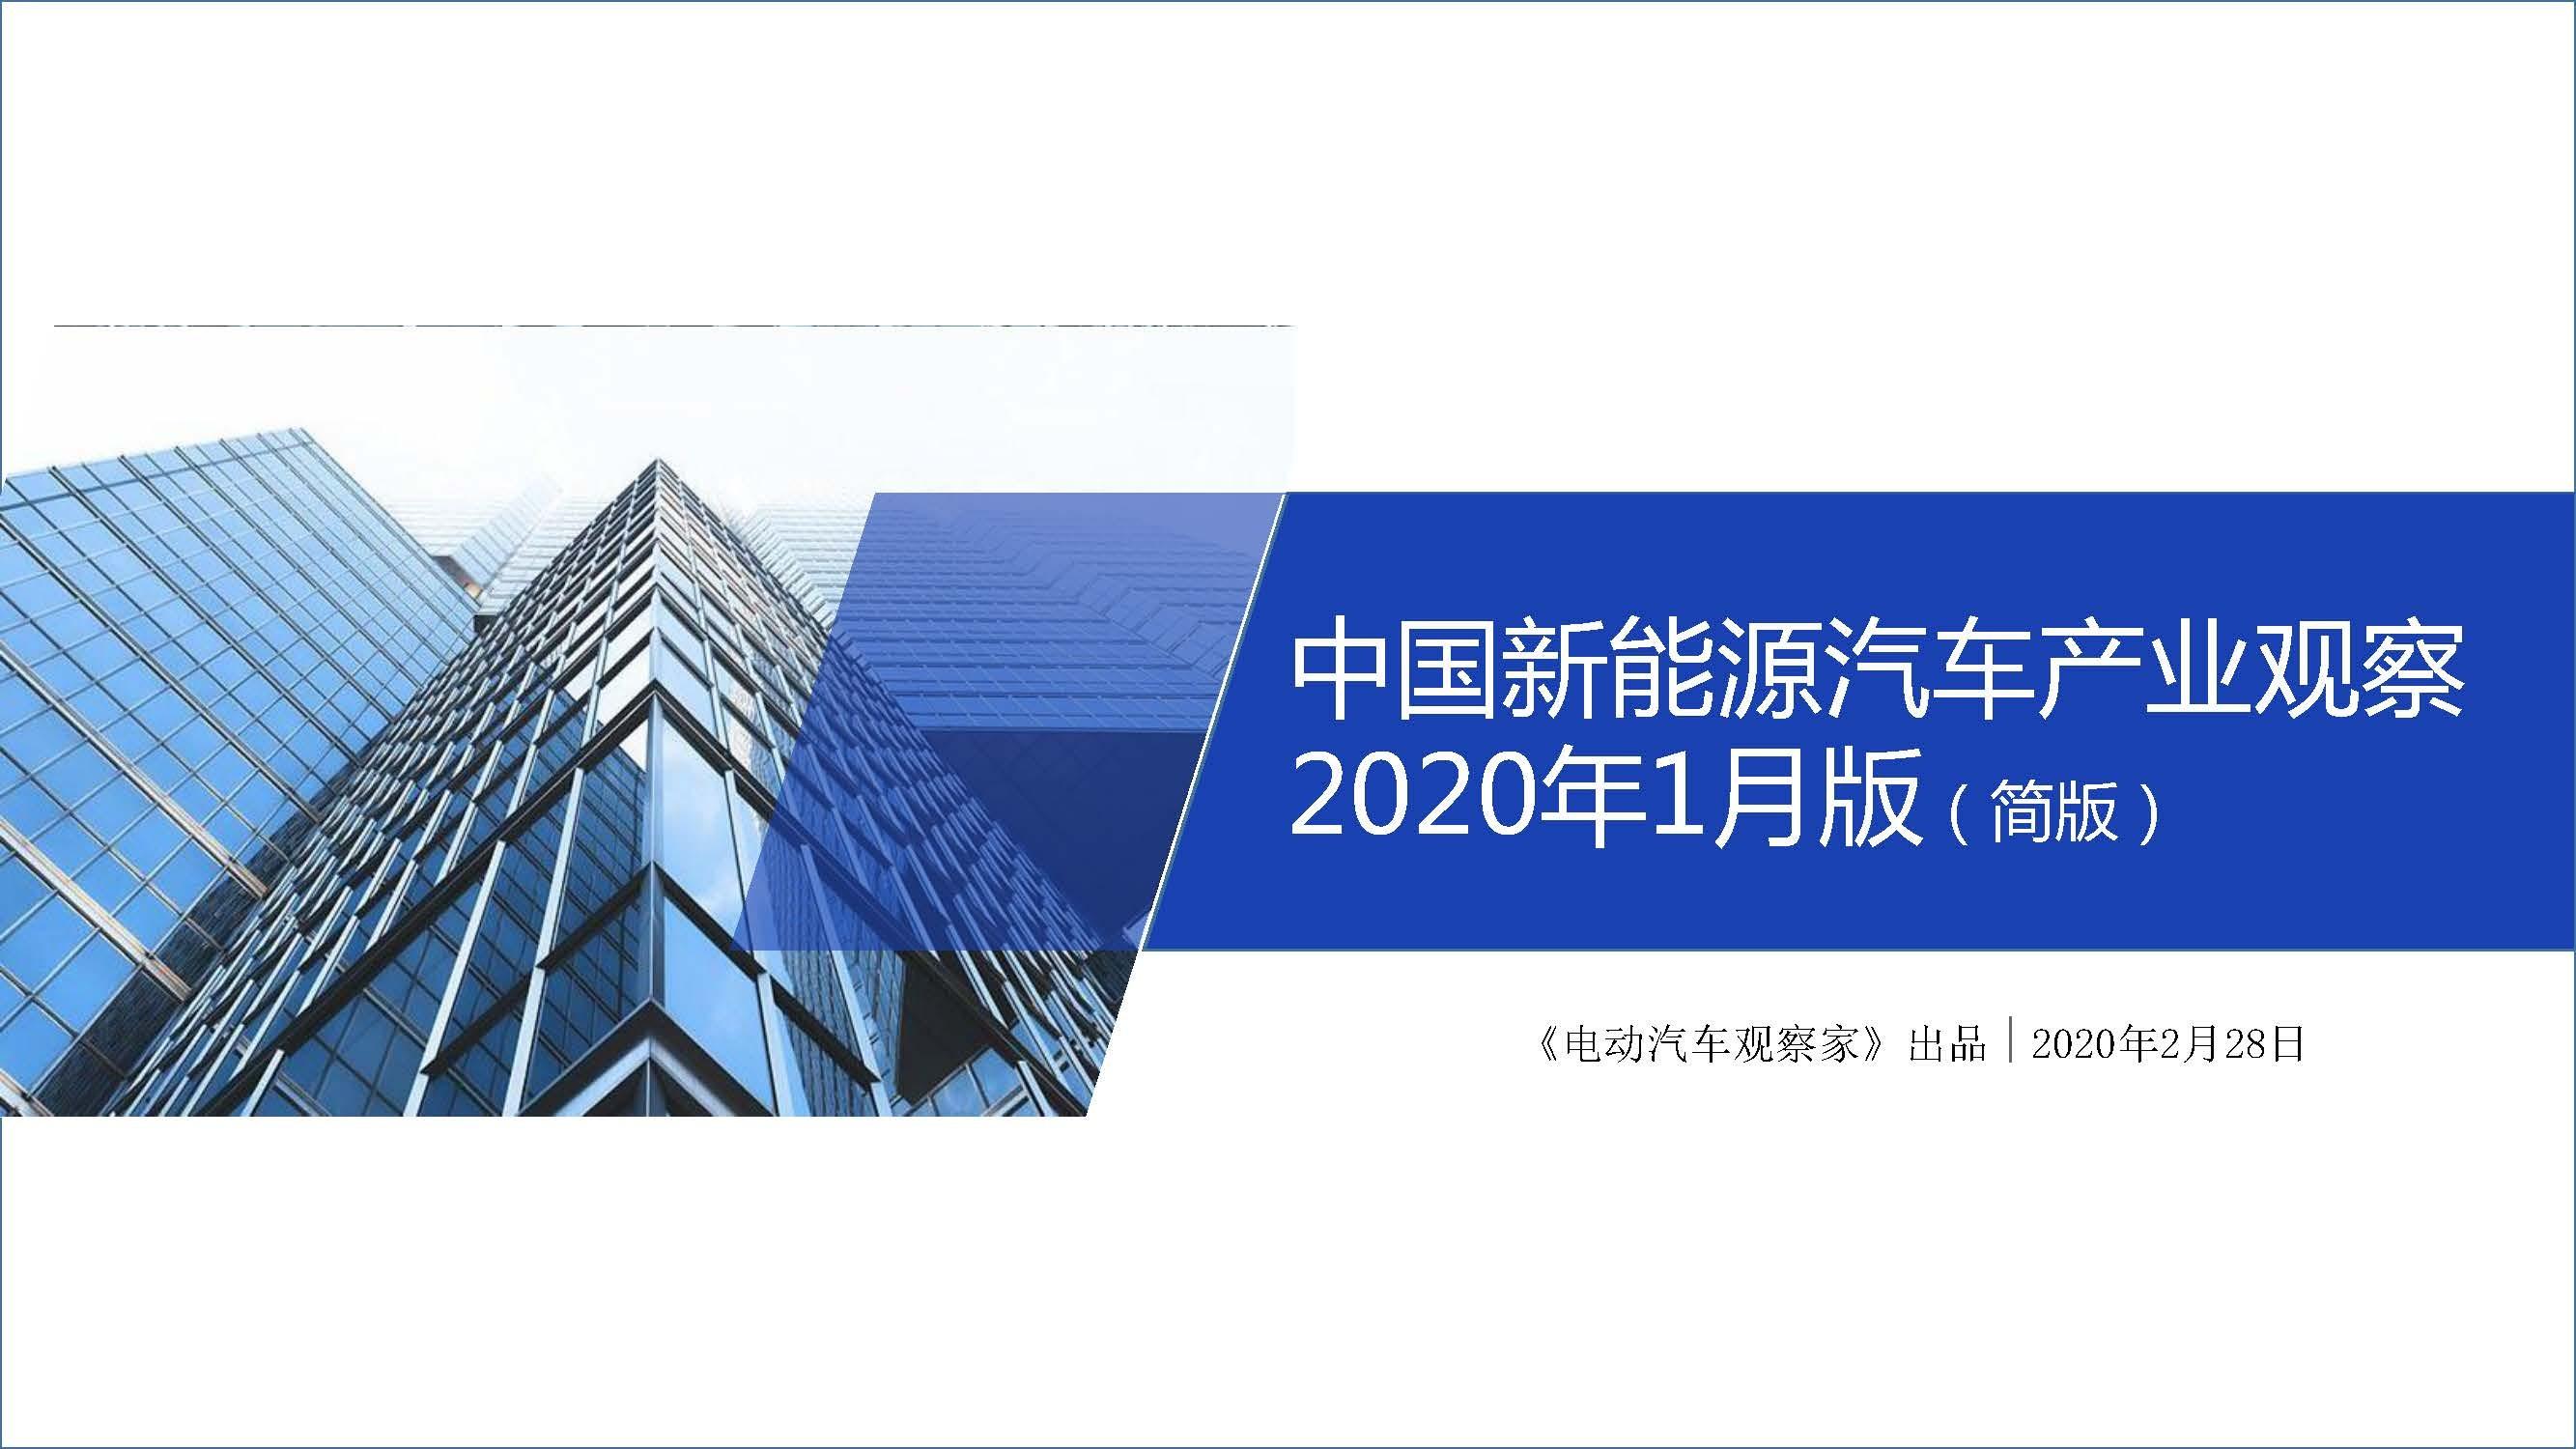 PPT:中国新能源汽车产业观察2020年1月简版